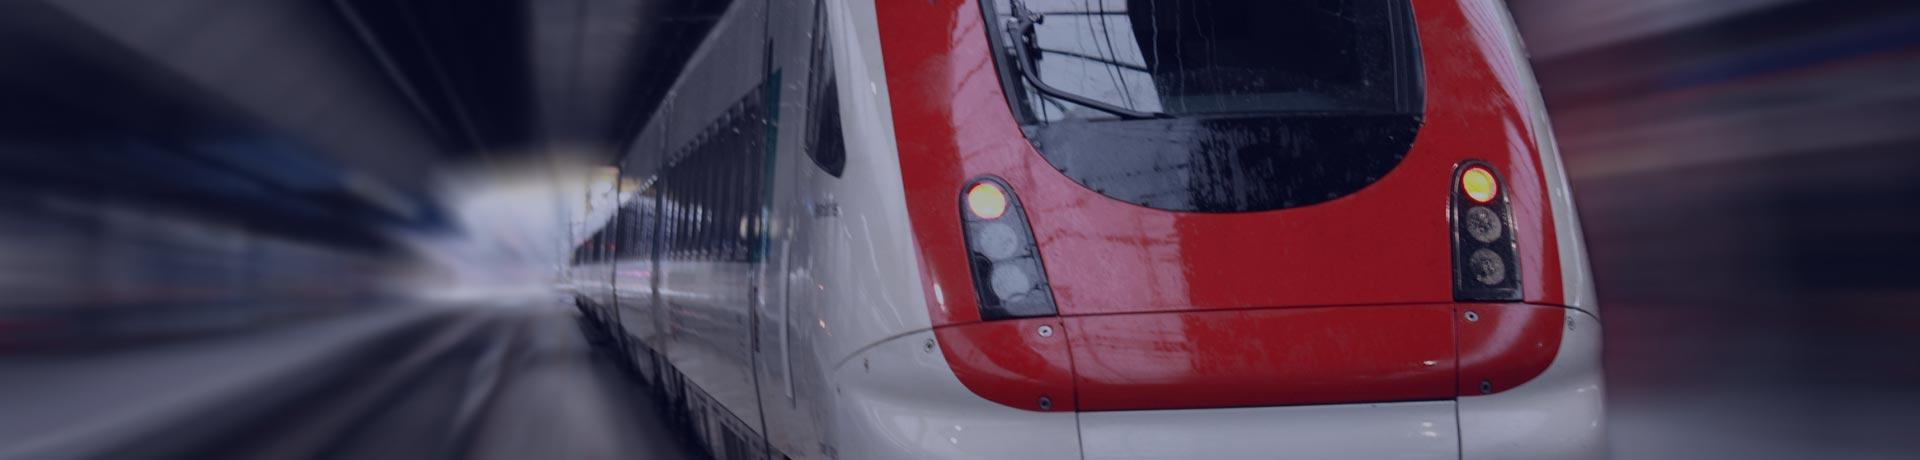 Un train sur les rails en marche